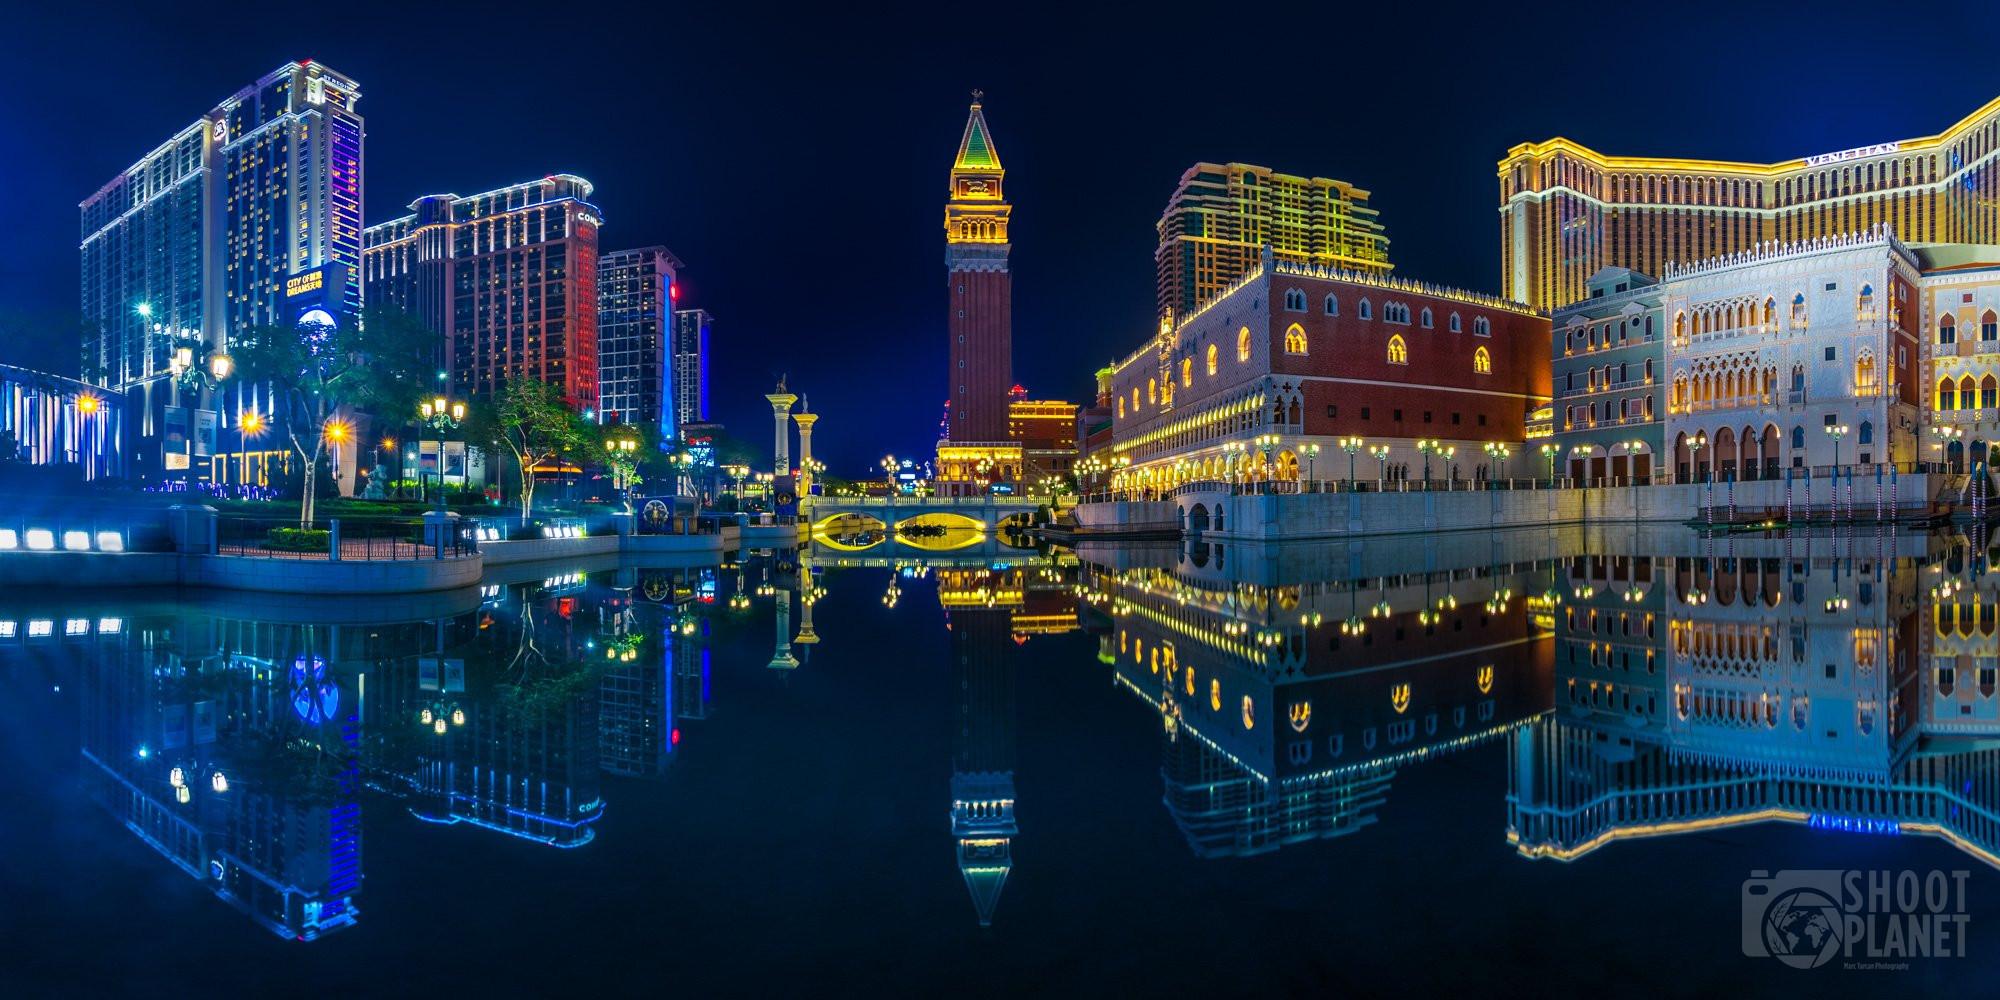 Nighttime Venetian casino reflection in Macao, China